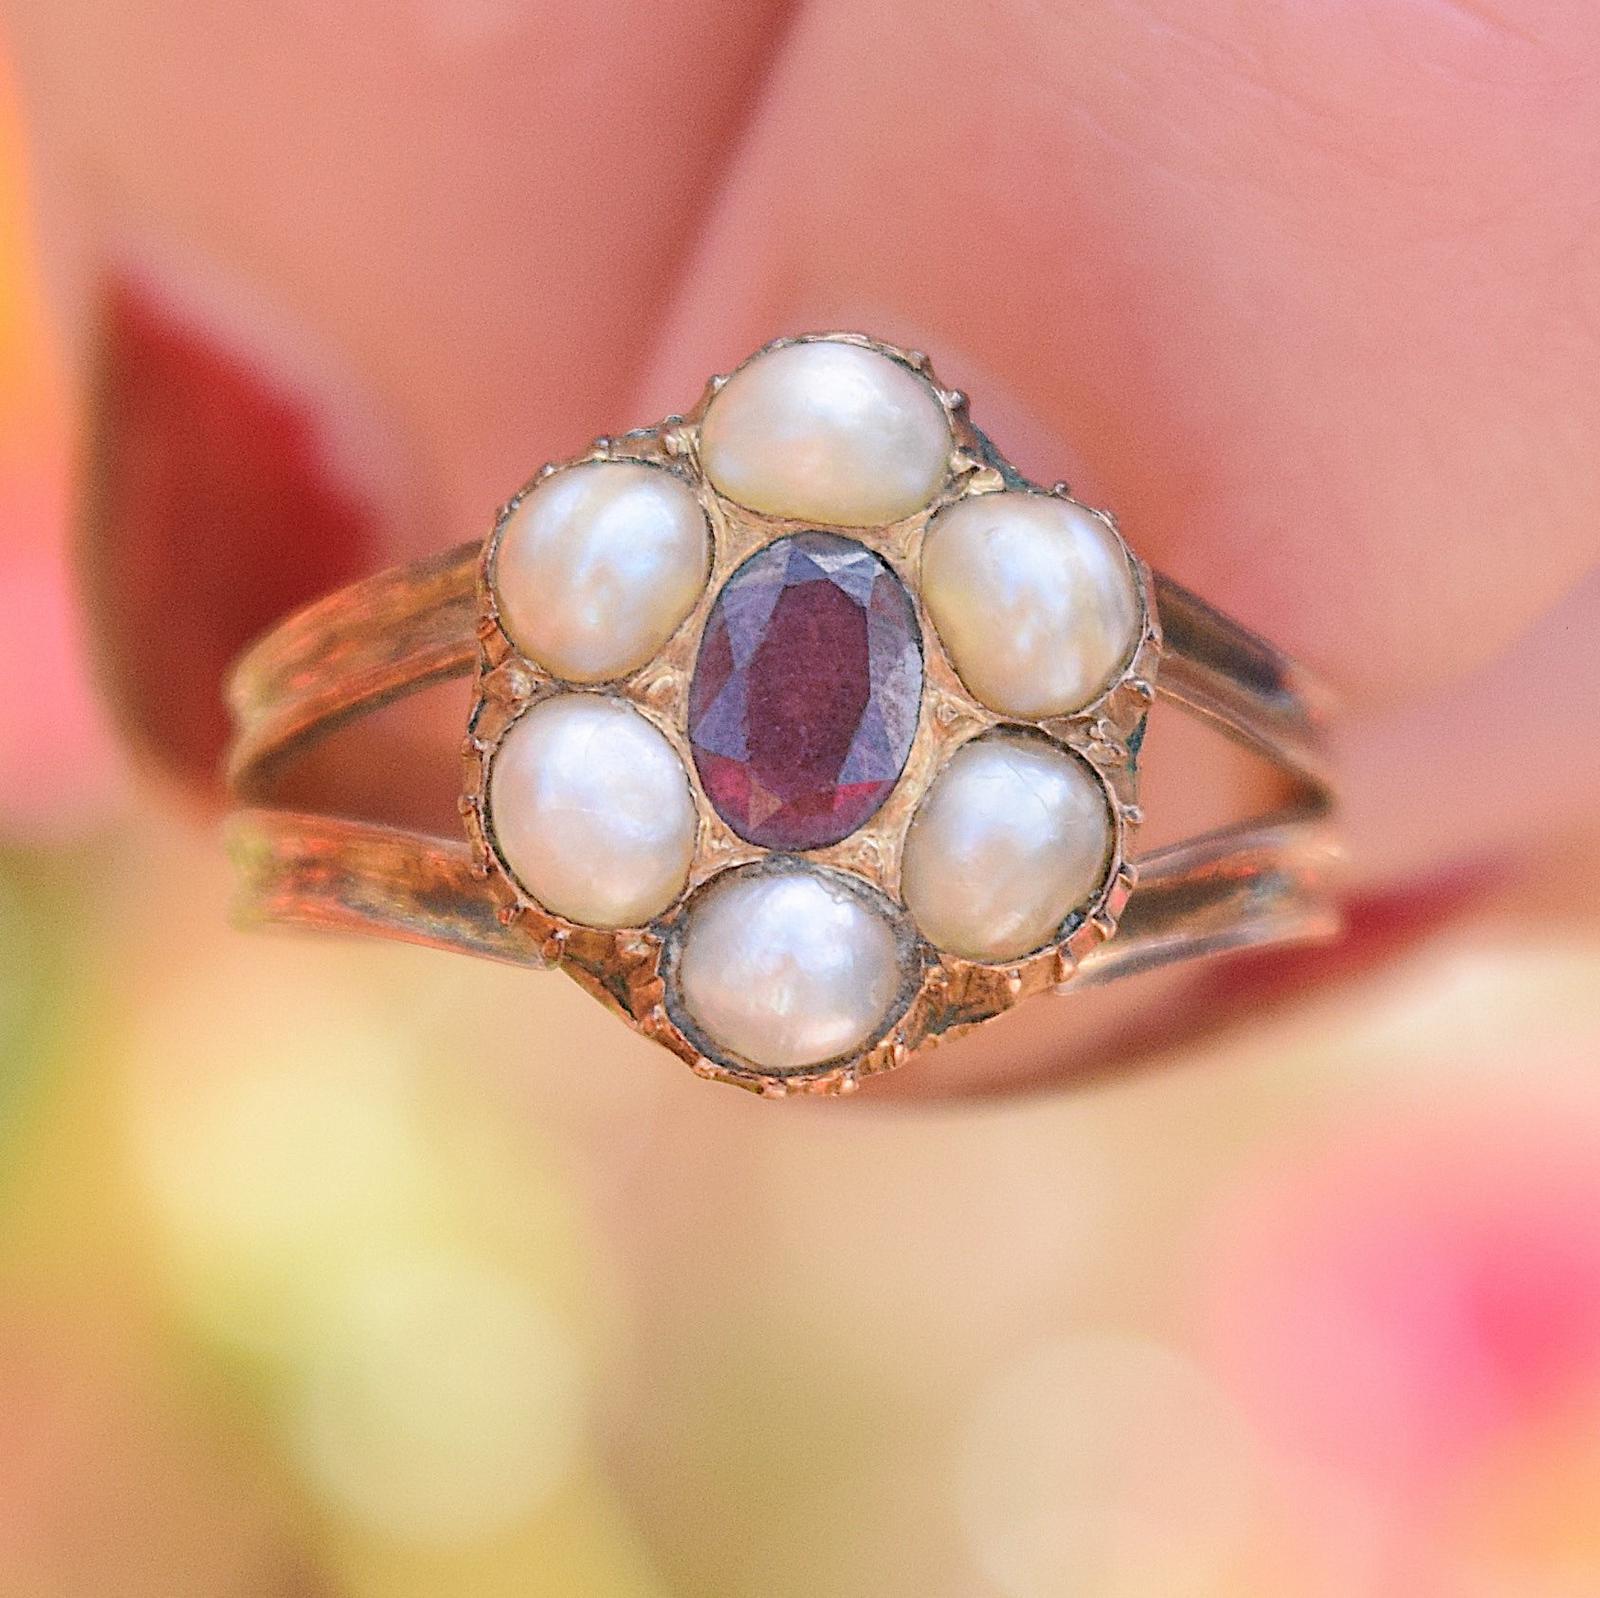 טבעת ג'ורג'יאנית עתיקה(כ 200 שנים) עם צבעים מרהיבים, זהב  גרנט ופניני ים.